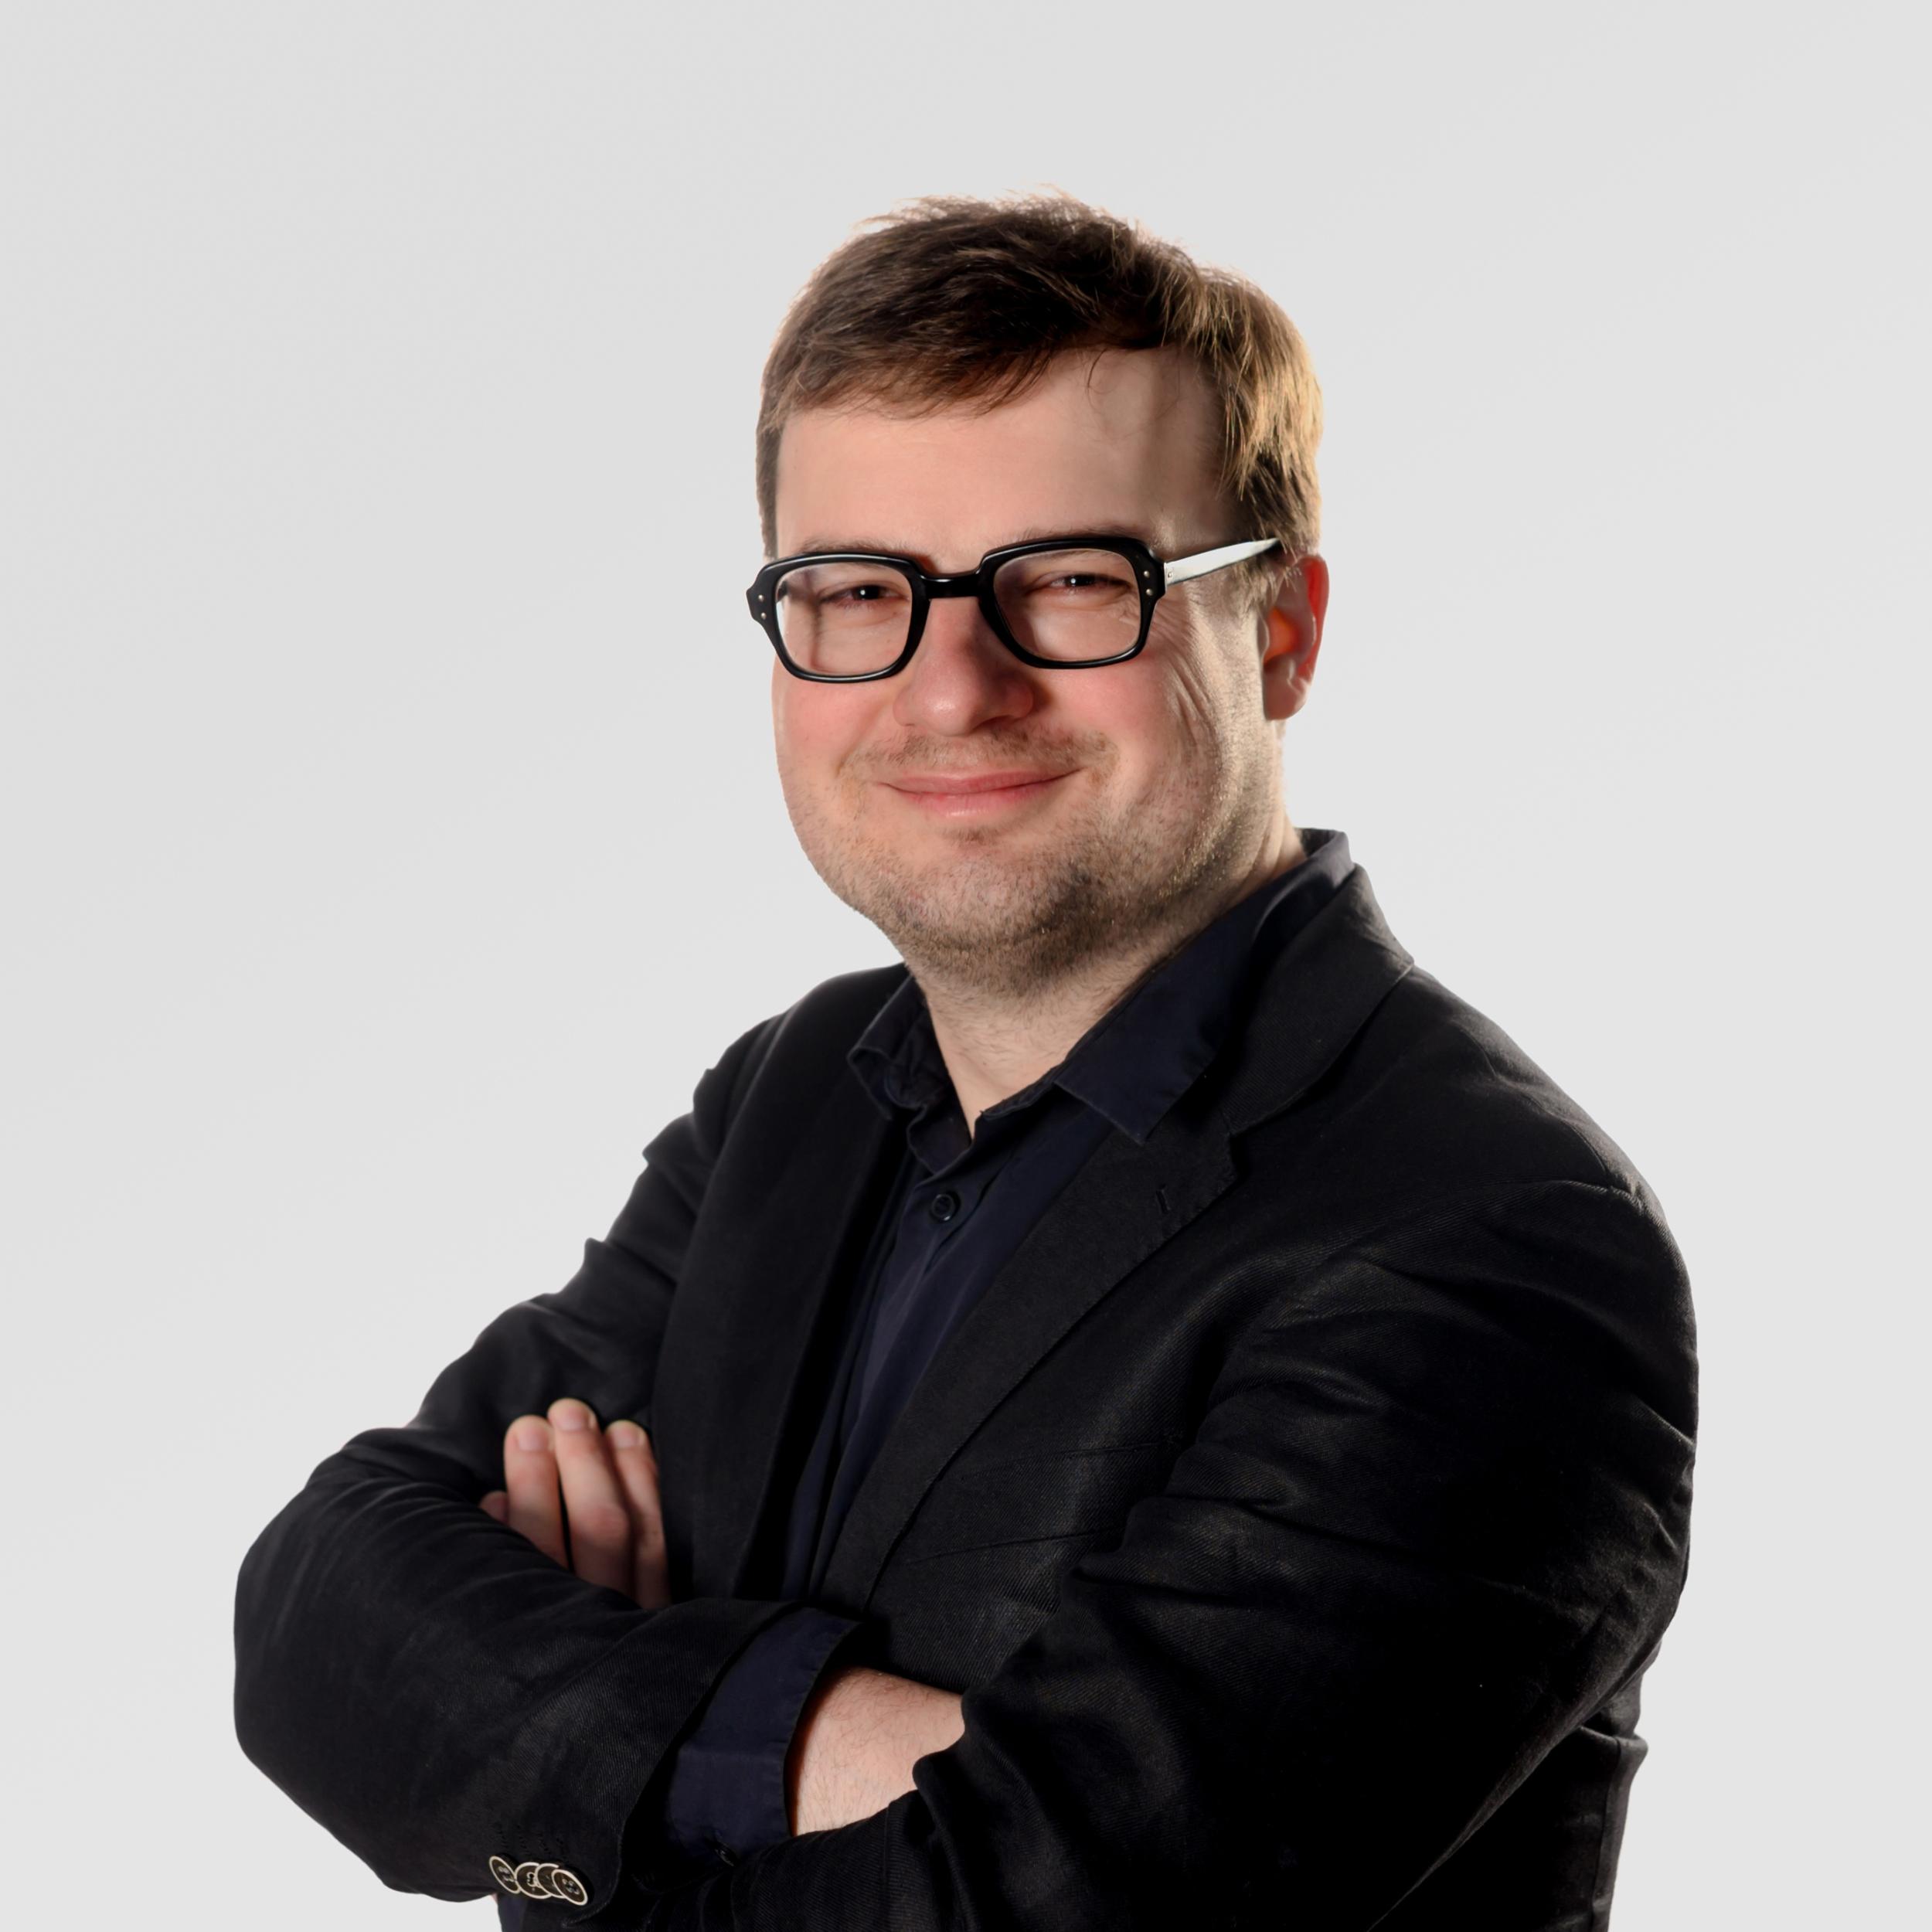 Bartosz Niedźwiecki